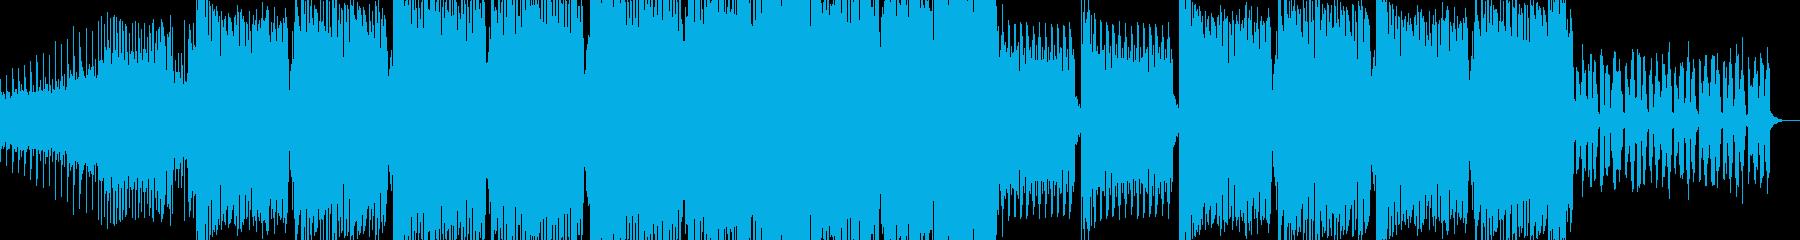 クールでお洒落な雰囲気のEDMの再生済みの波形